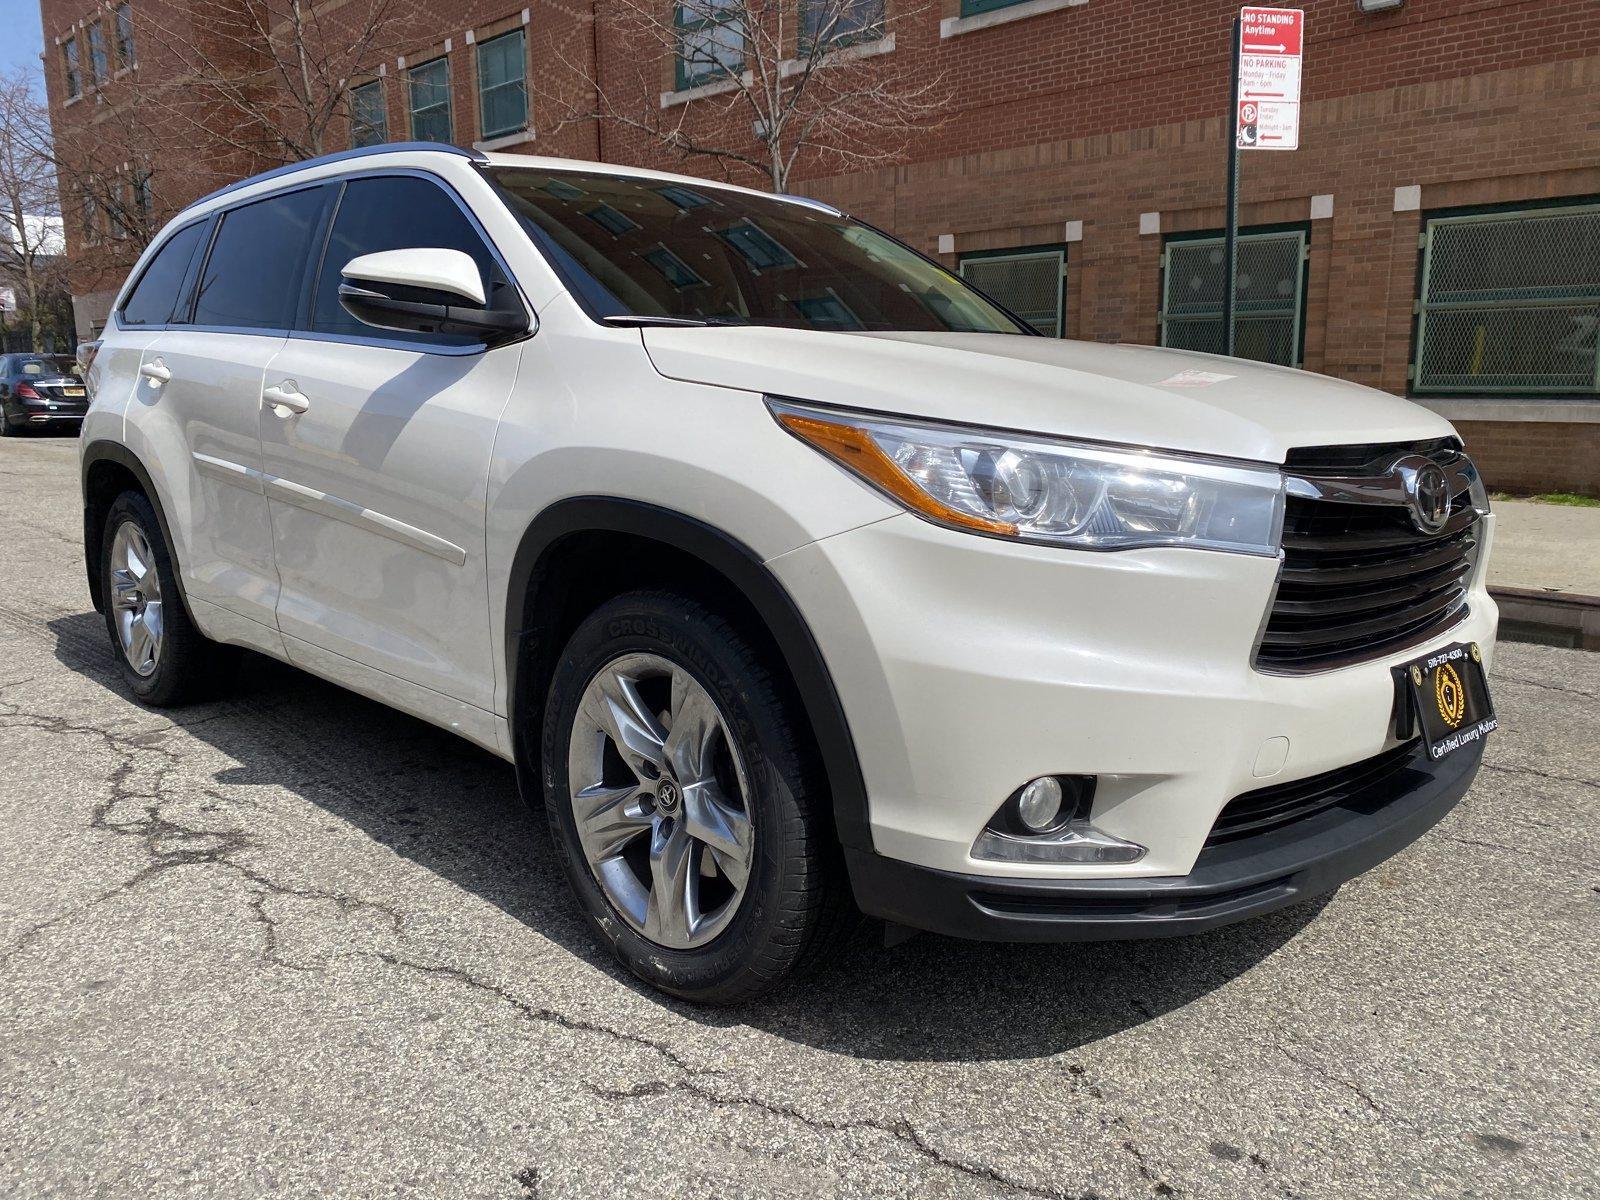 Used-2016-Toyota-Highlander-Limited-Platinum